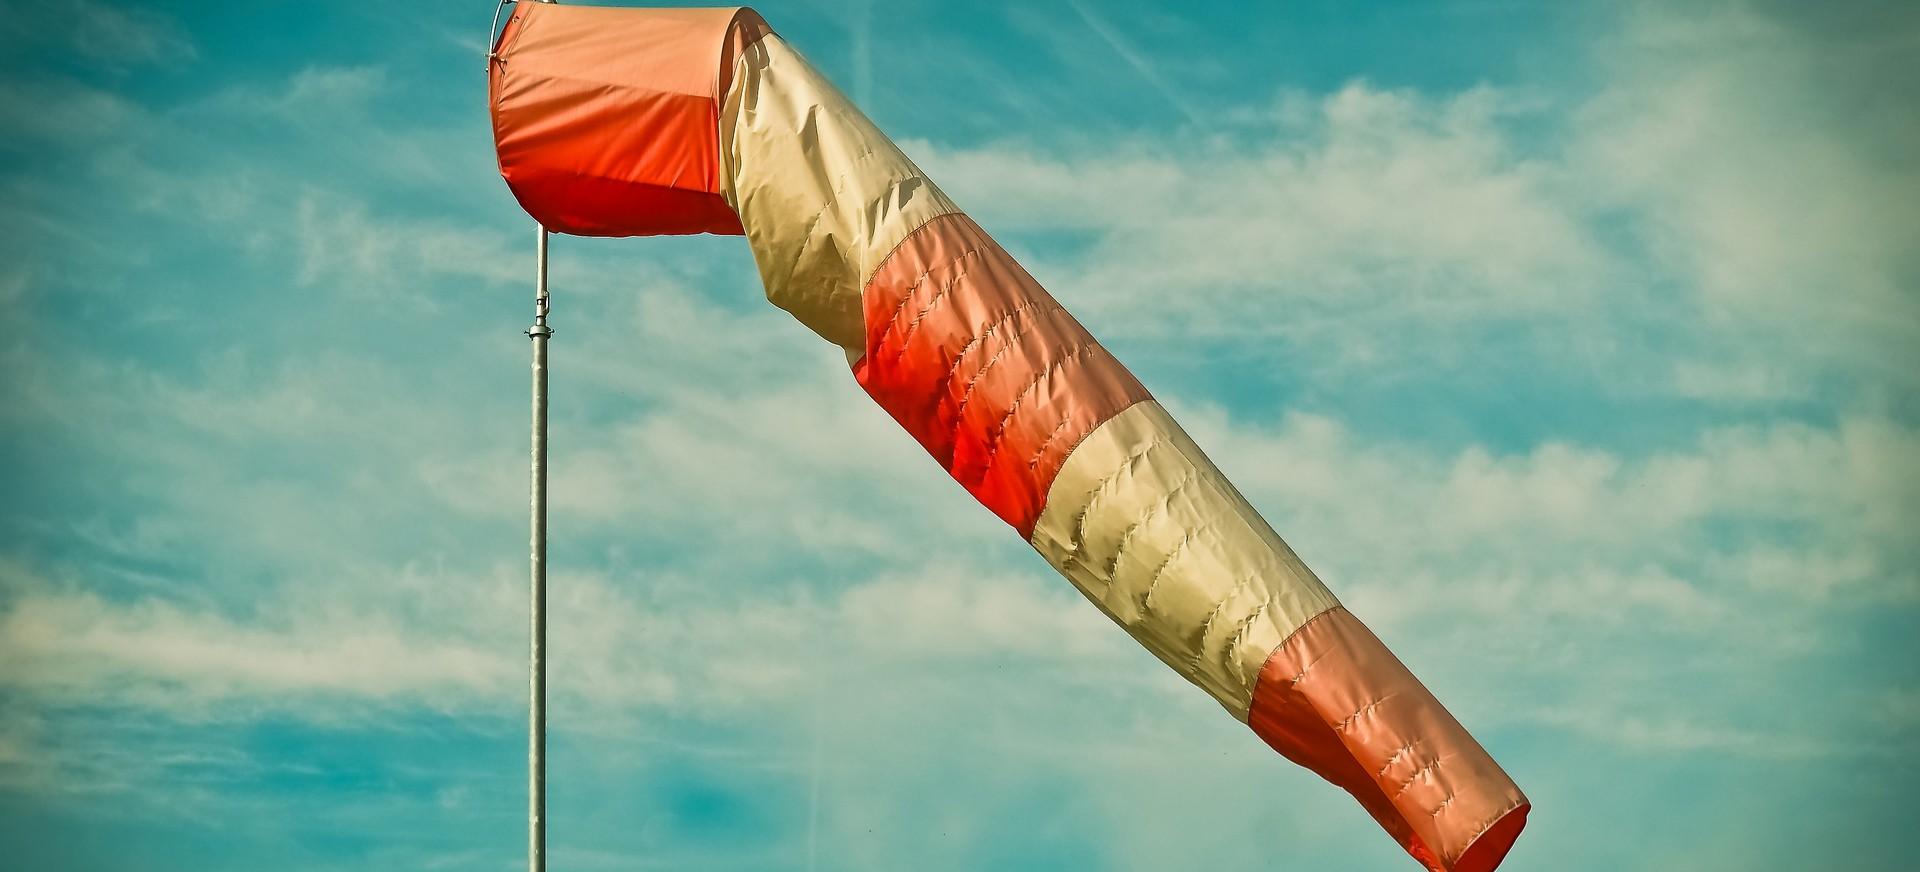 UWAGA! Ostrzeżenie przed silnym wiatrem